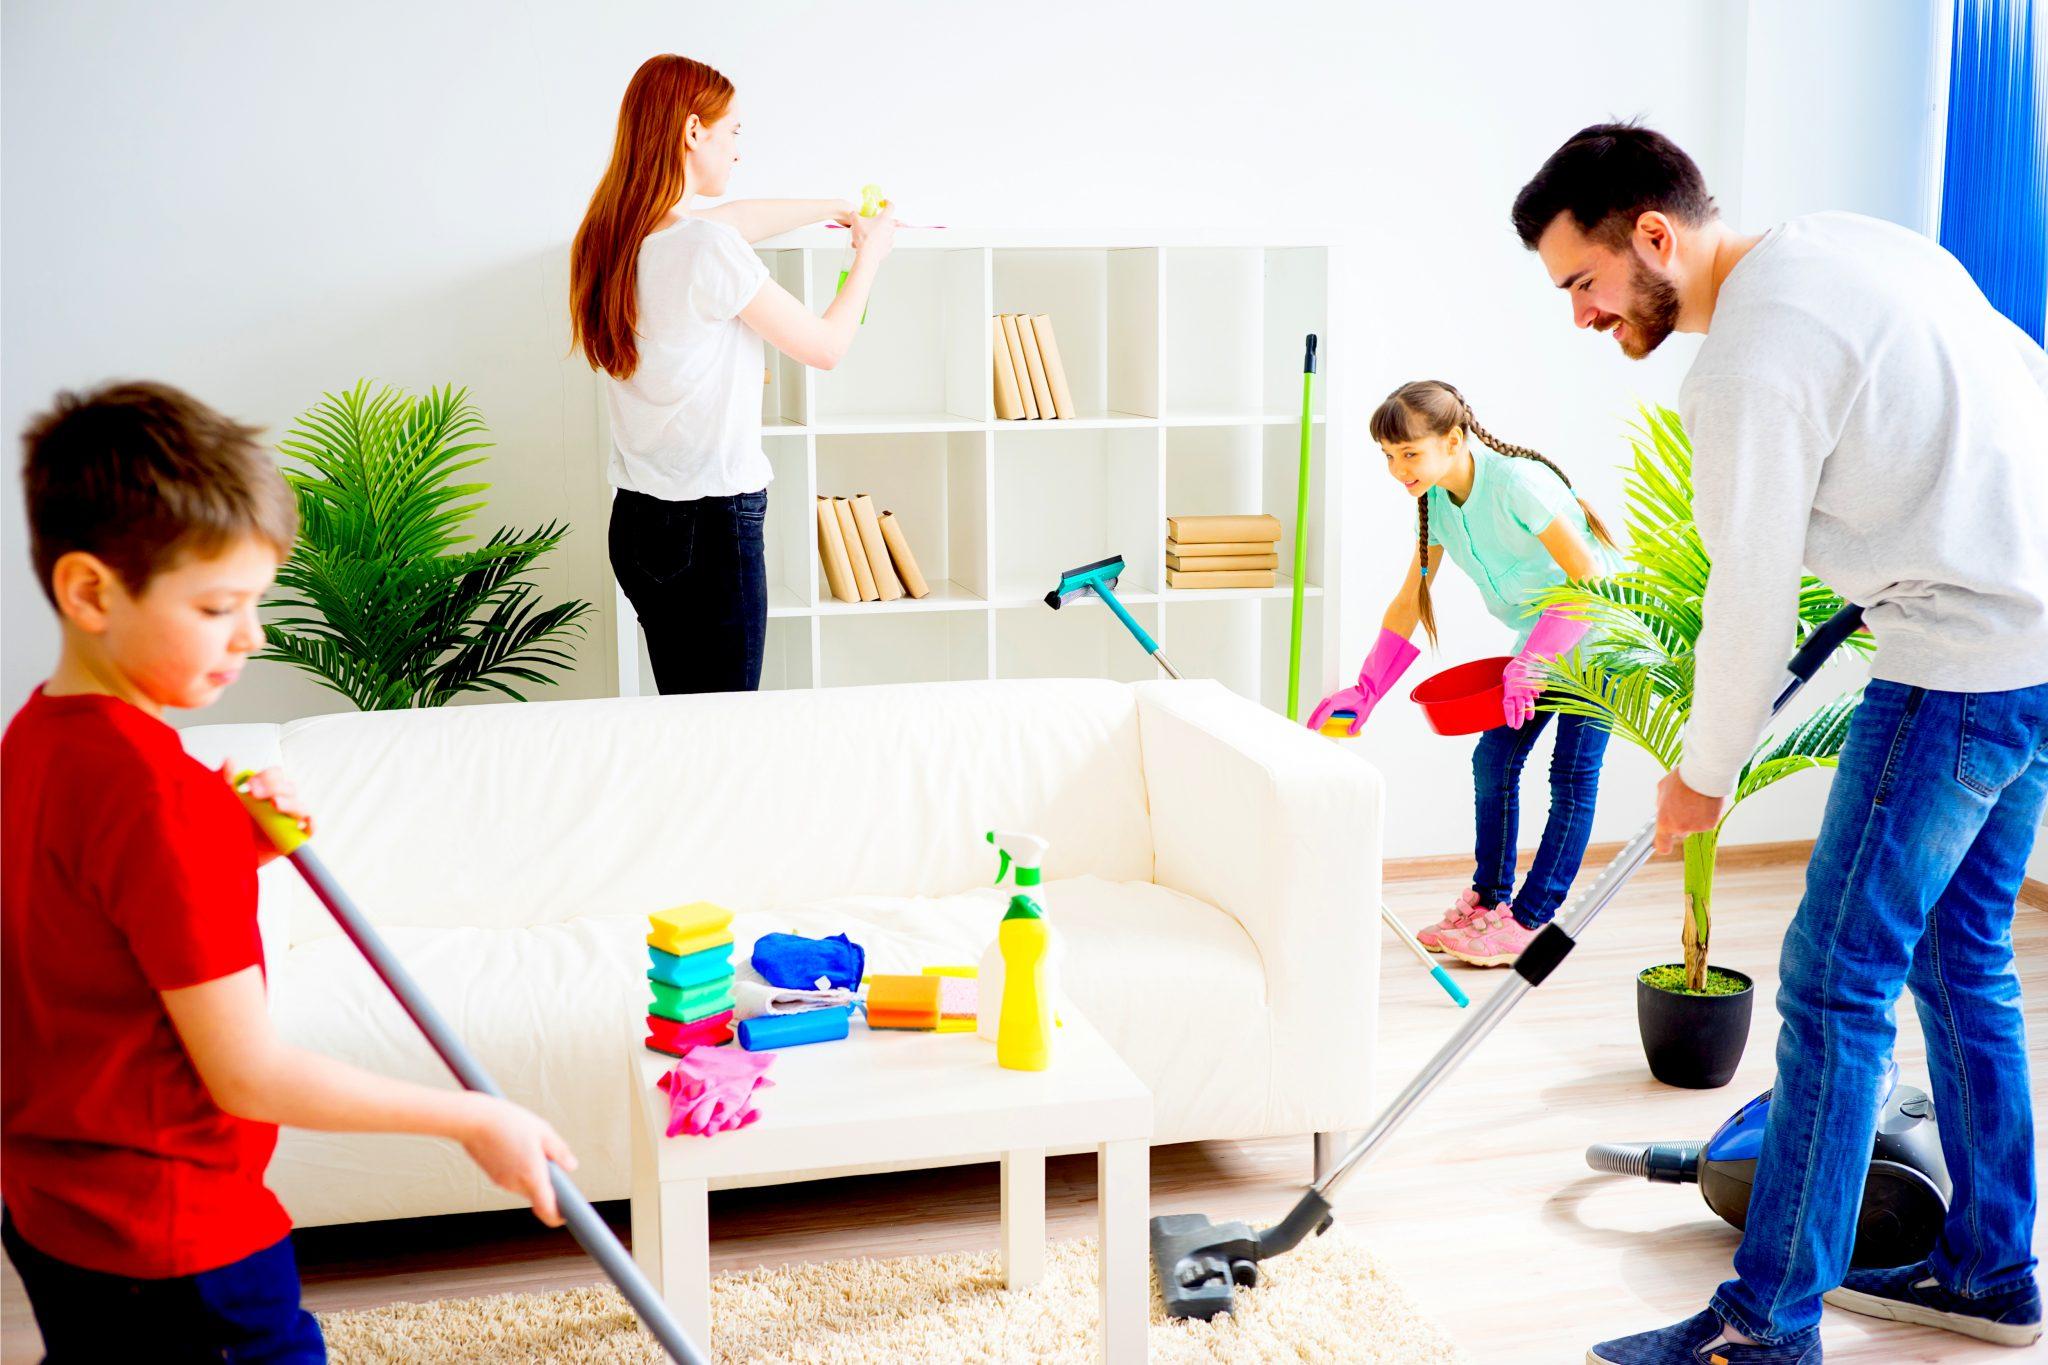 家族みんなで掃除をしている